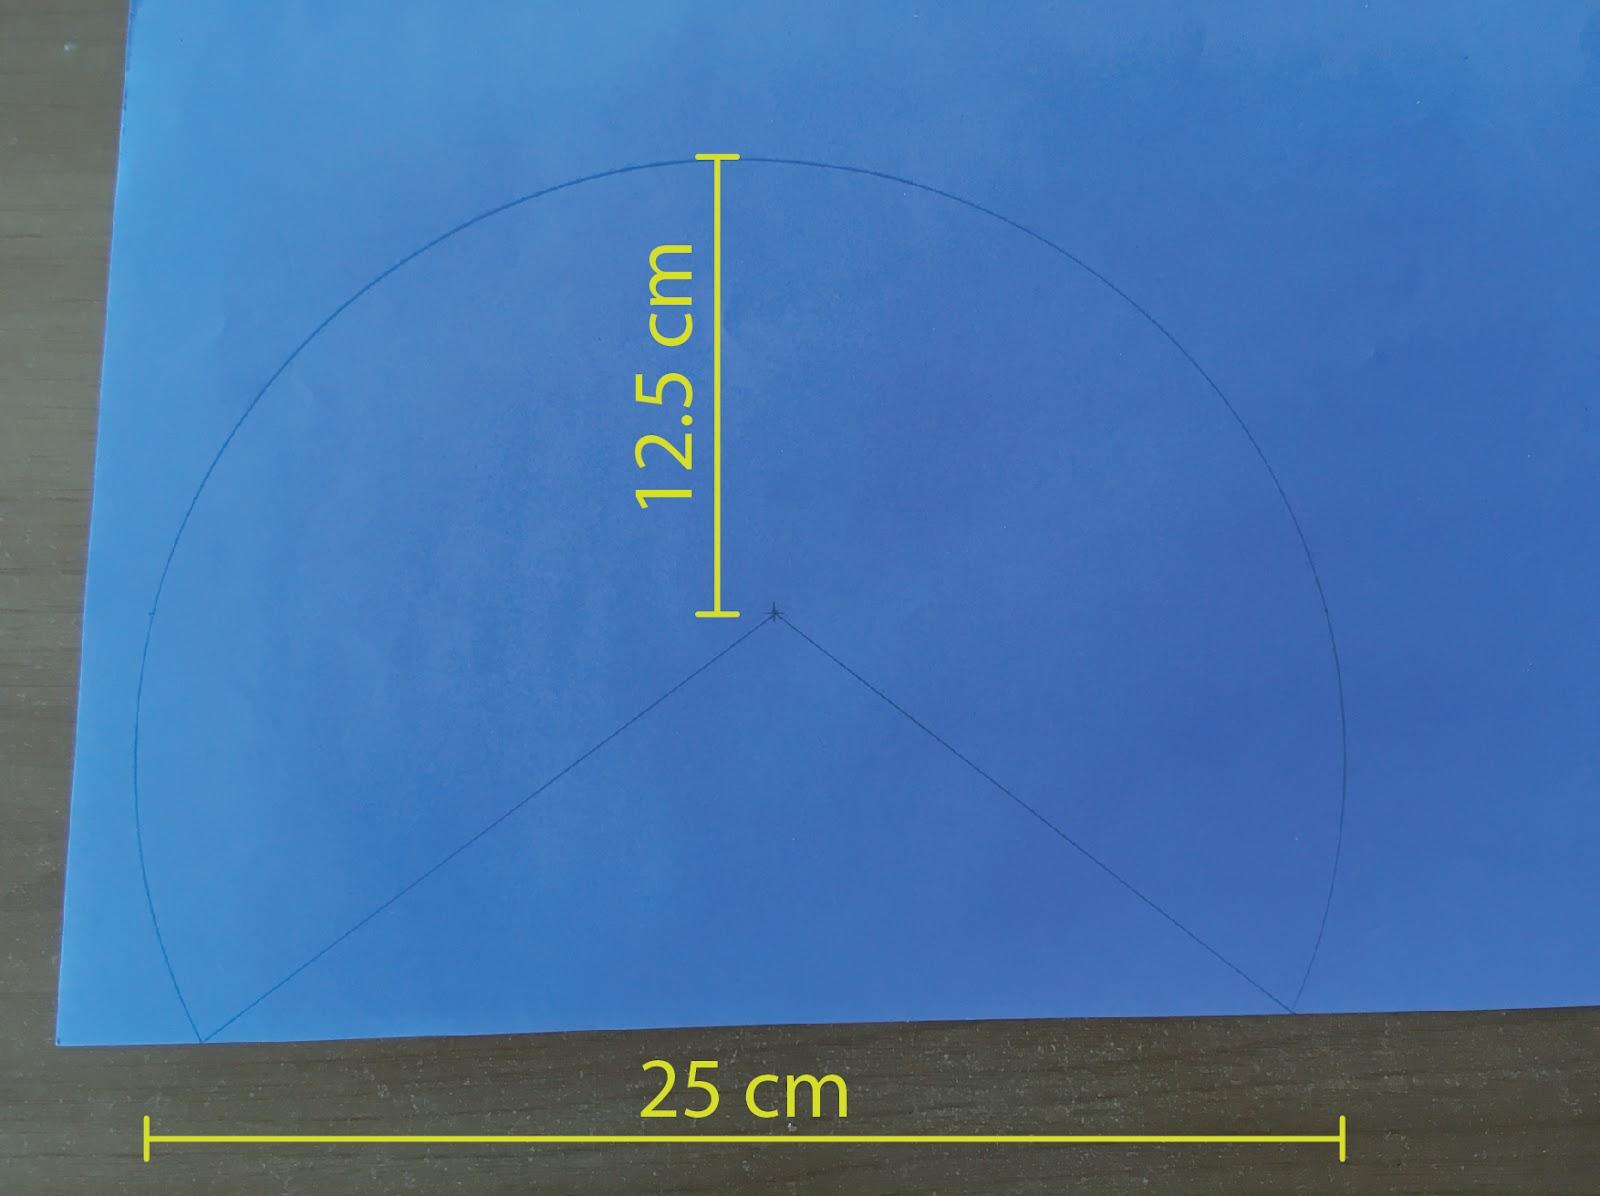 Medidas del arco y centro de la figura.